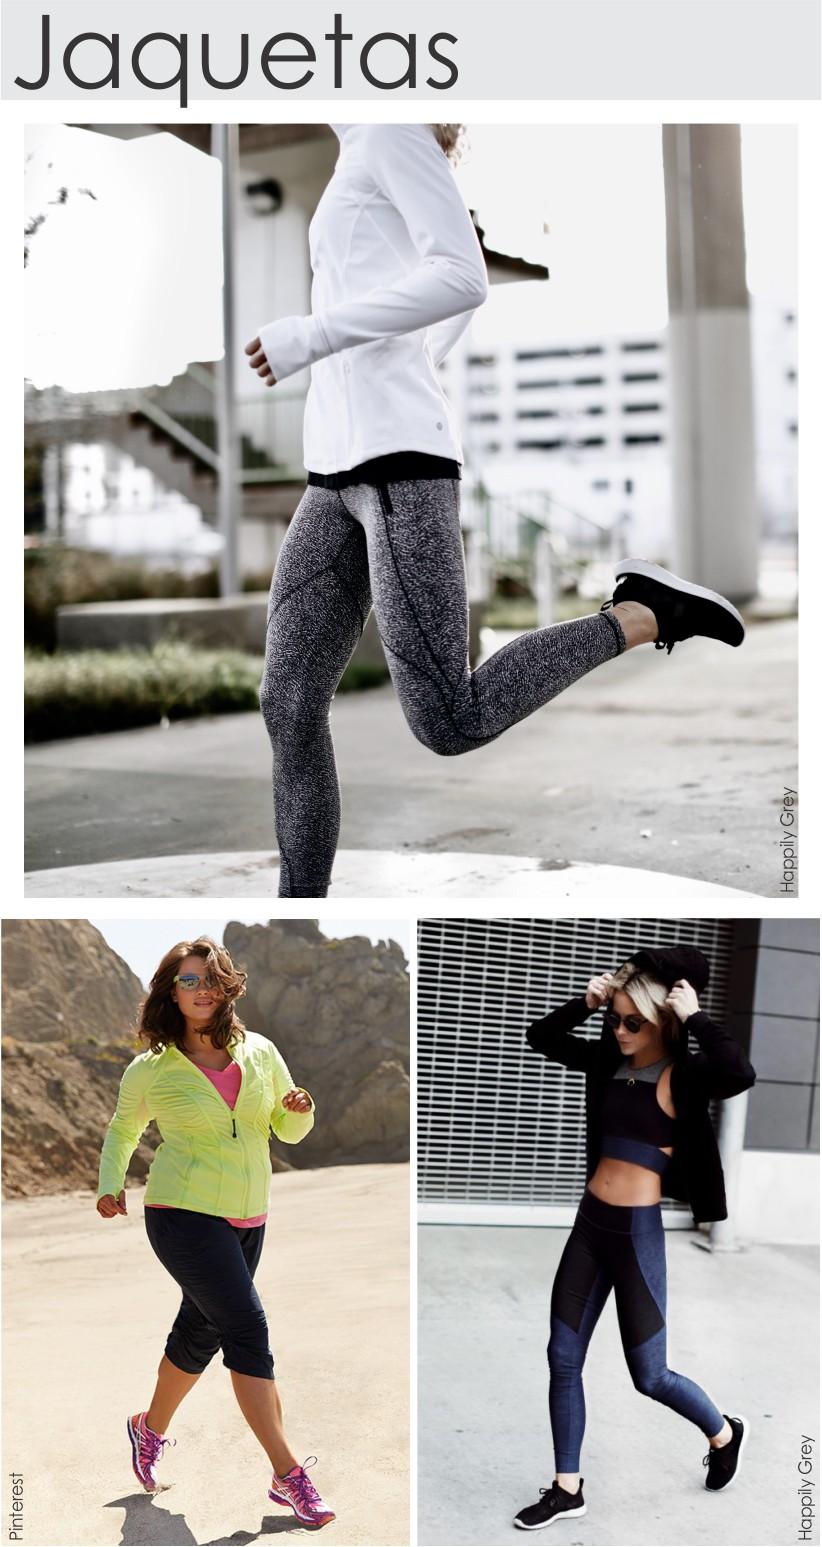 Dicas de estilo com jaquetas para o look fitness